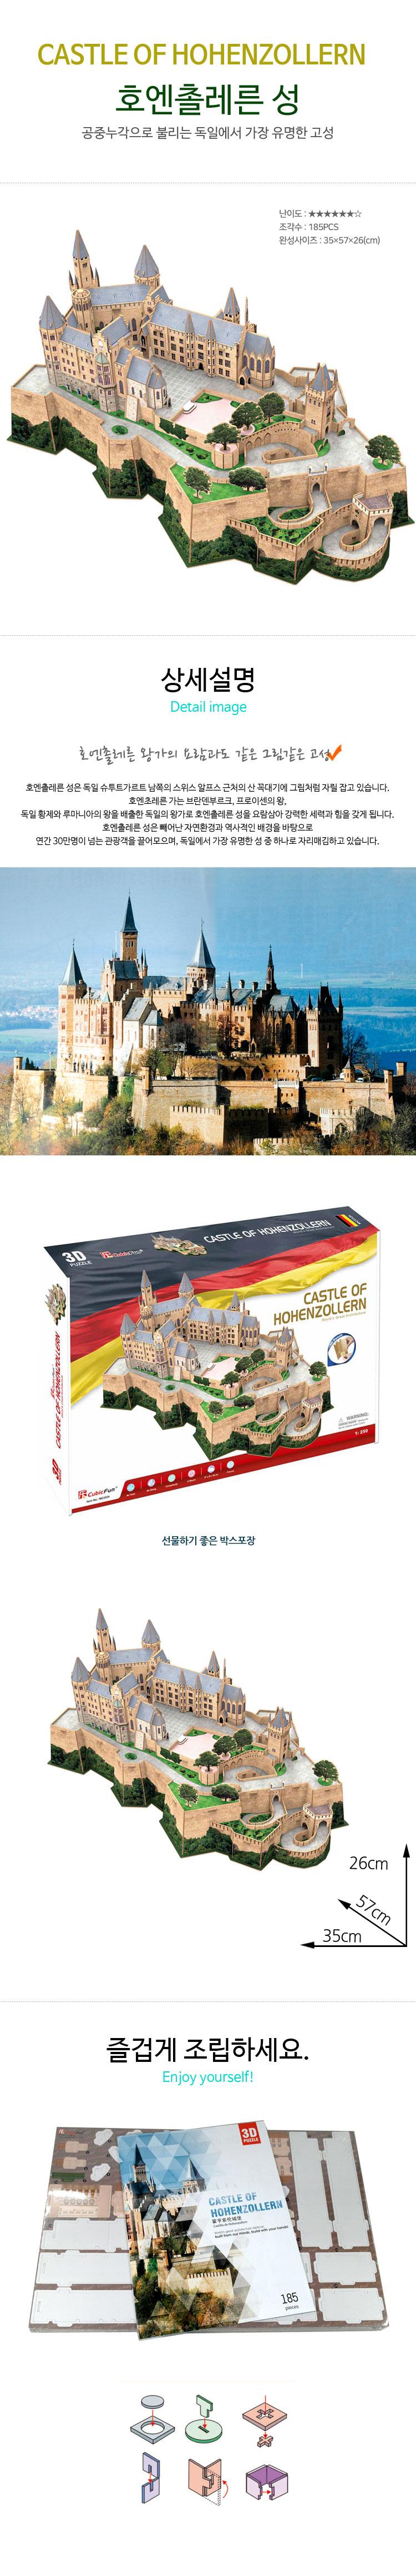 큐빅펀 3D퍼즐 호엔촐레른 성 - 큐빅펀, 31,870원, 조각/퍼즐, 3D입체퍼즐